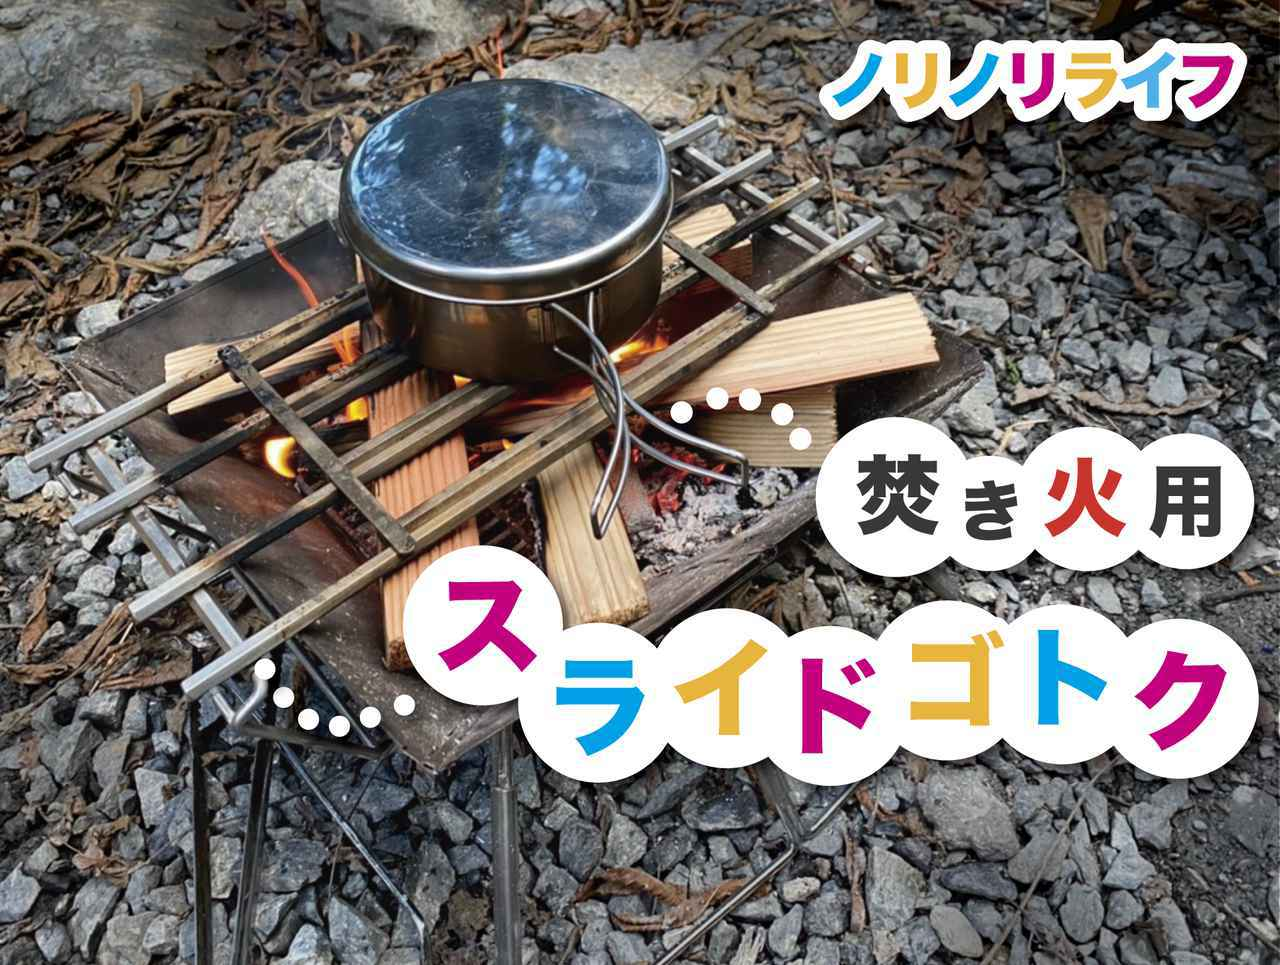 画像: 【筆者愛用】焚き火調理専用五徳 ノリノリライフのスライドゴトクが超便利! - ハピキャン(HAPPY CAMPER)